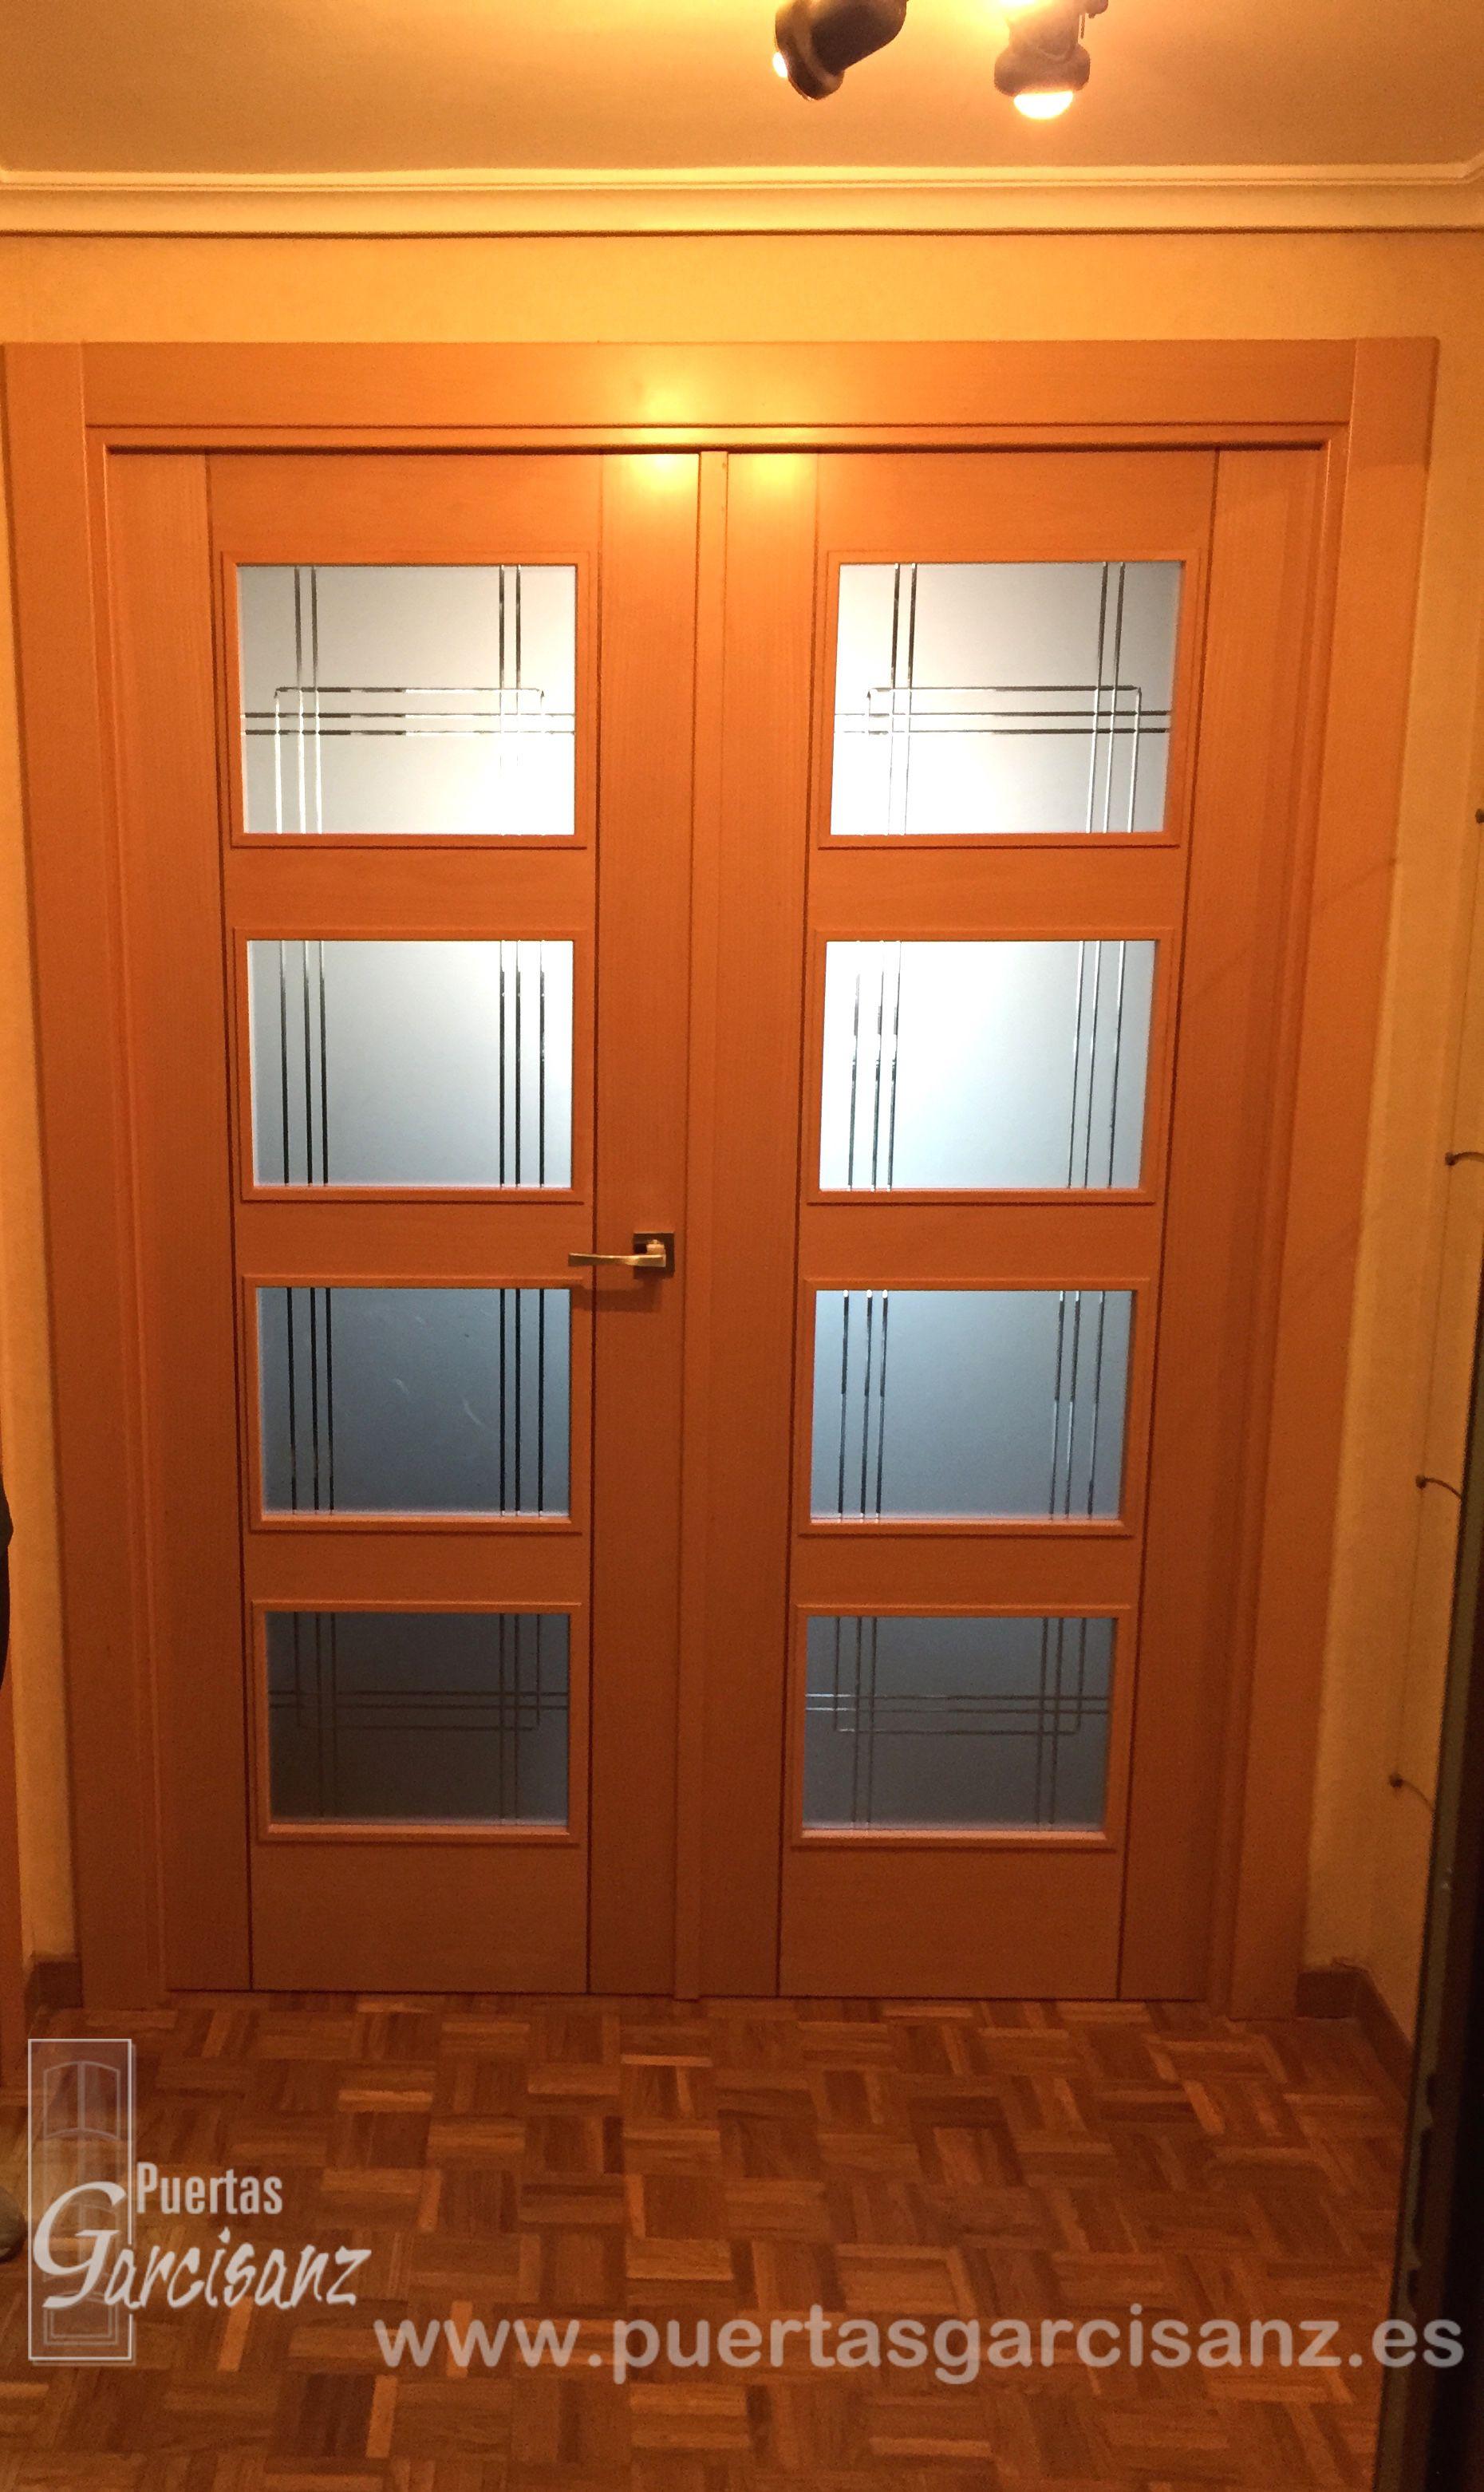 Cristales puertas interior best cambiar puertas - Cristales puertas interiores ...